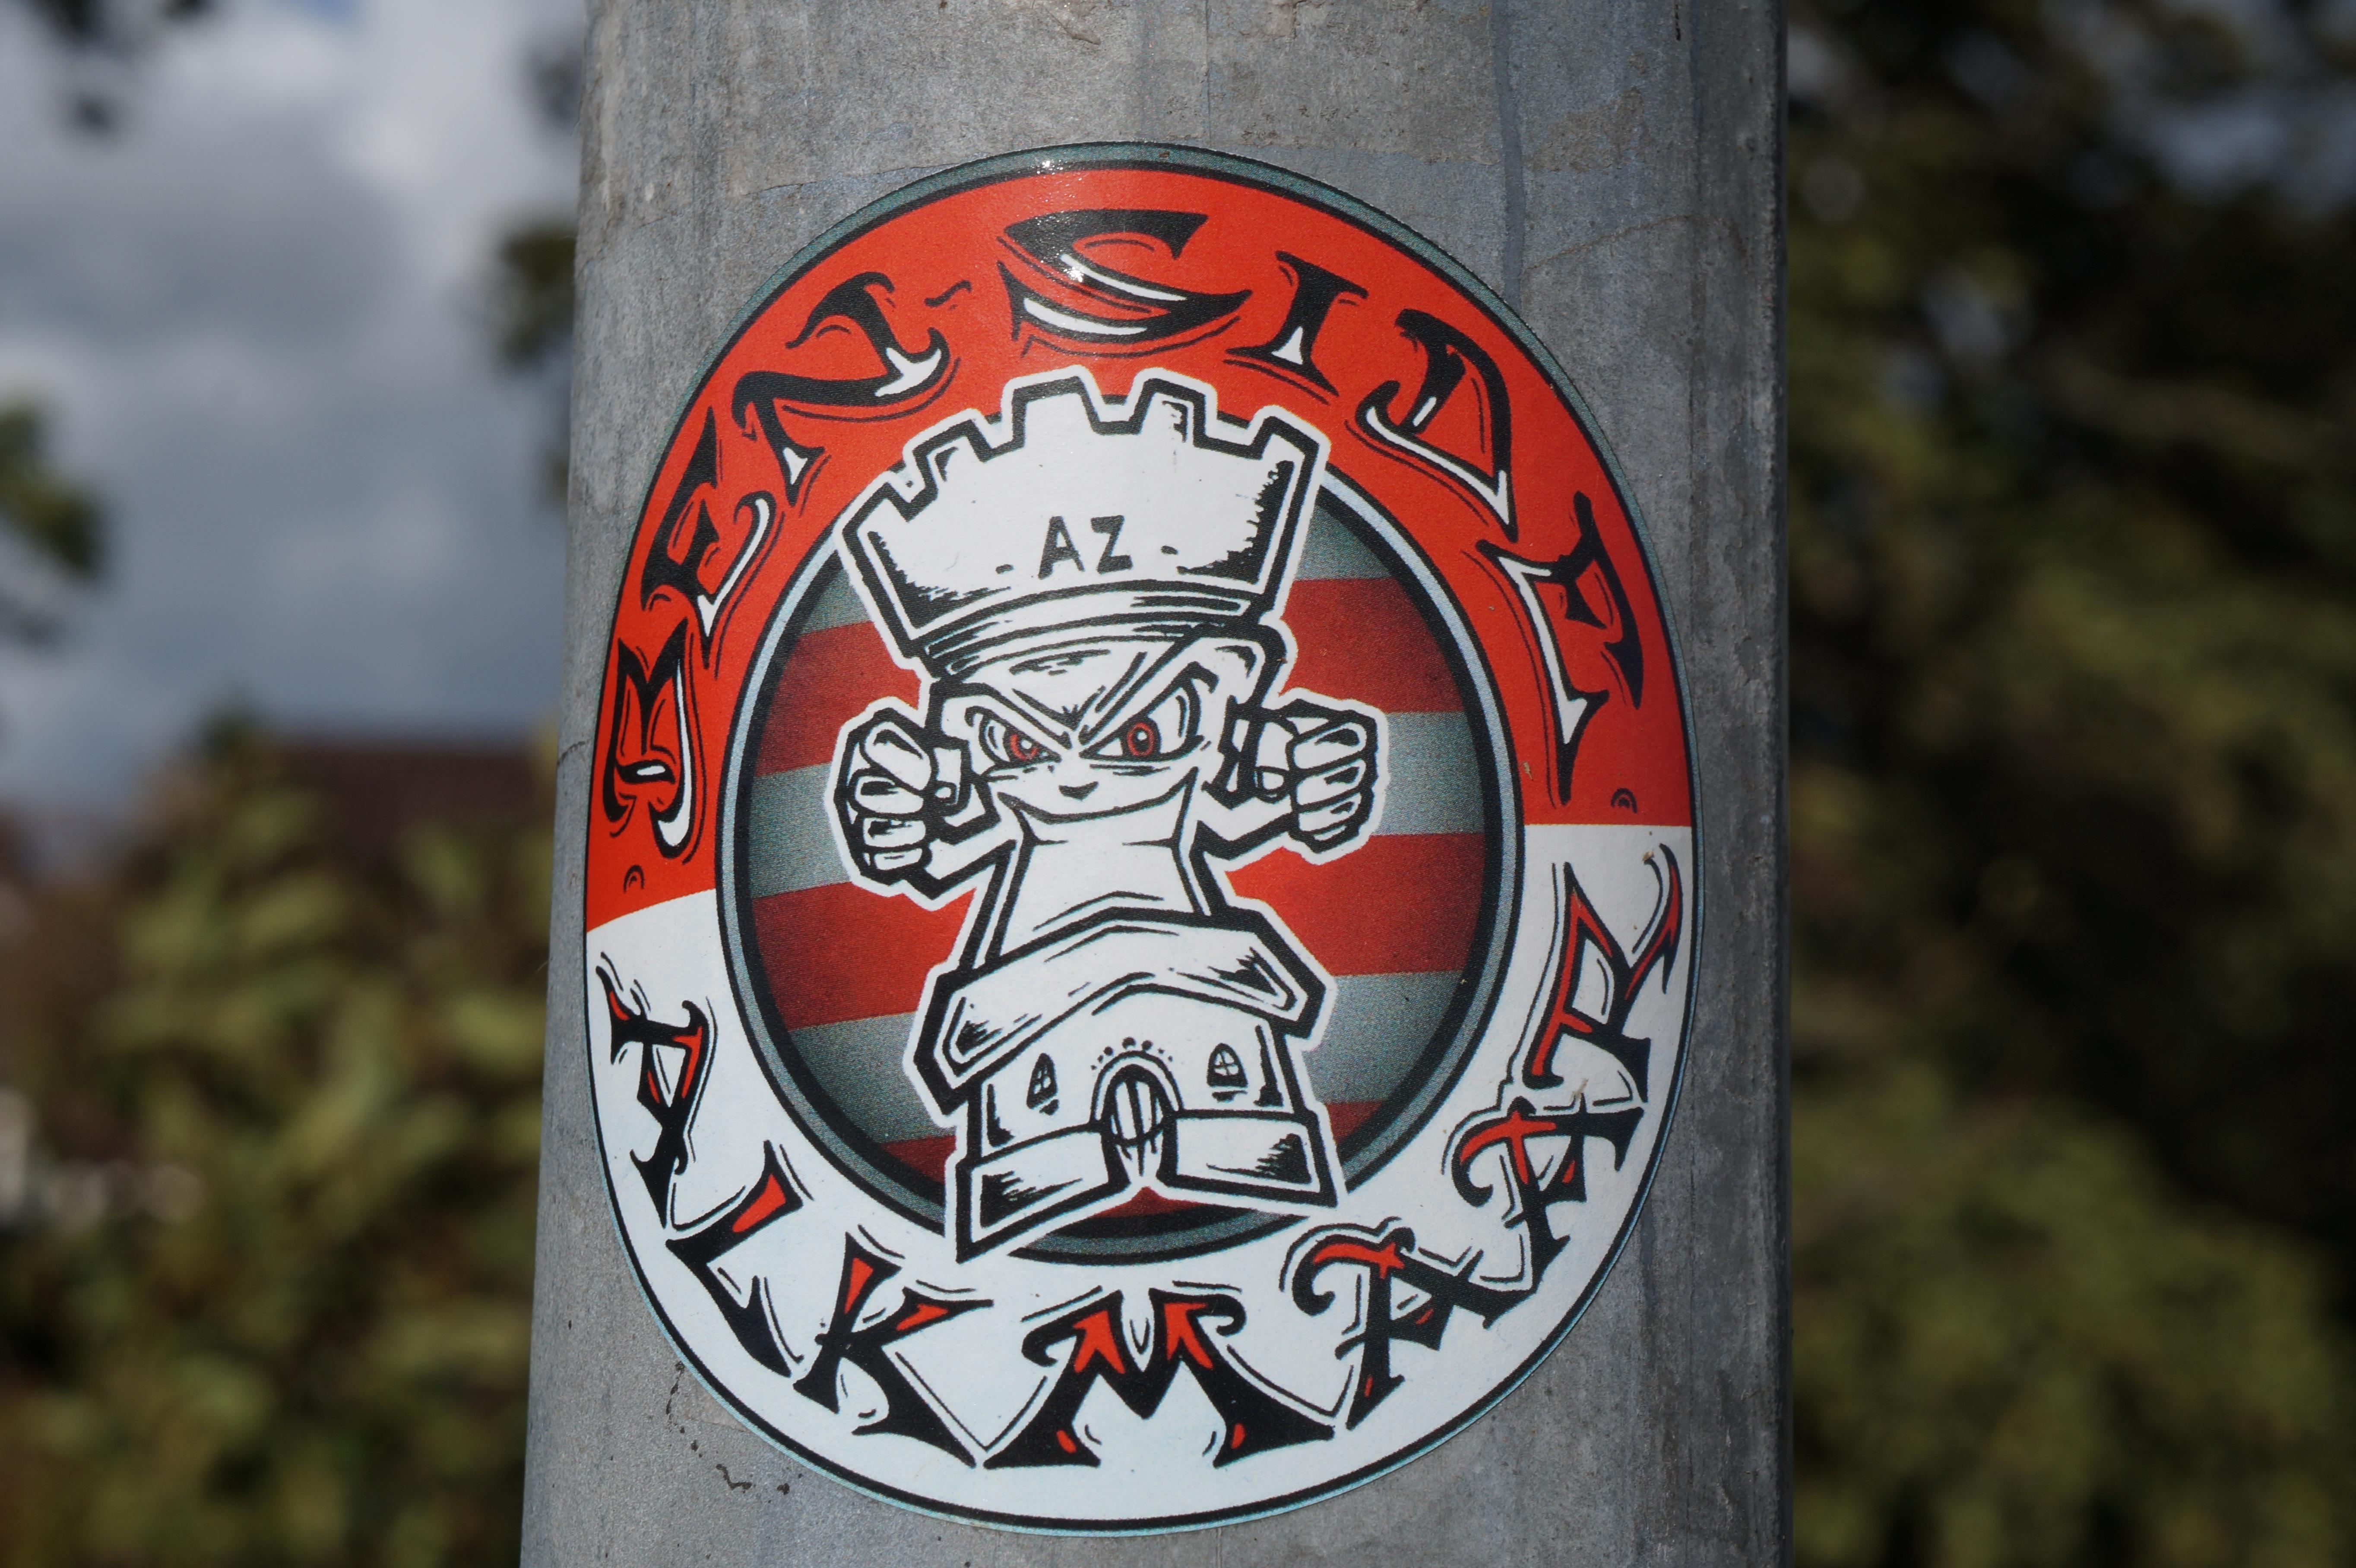 Ben Side Alkmaar Ultras sticker